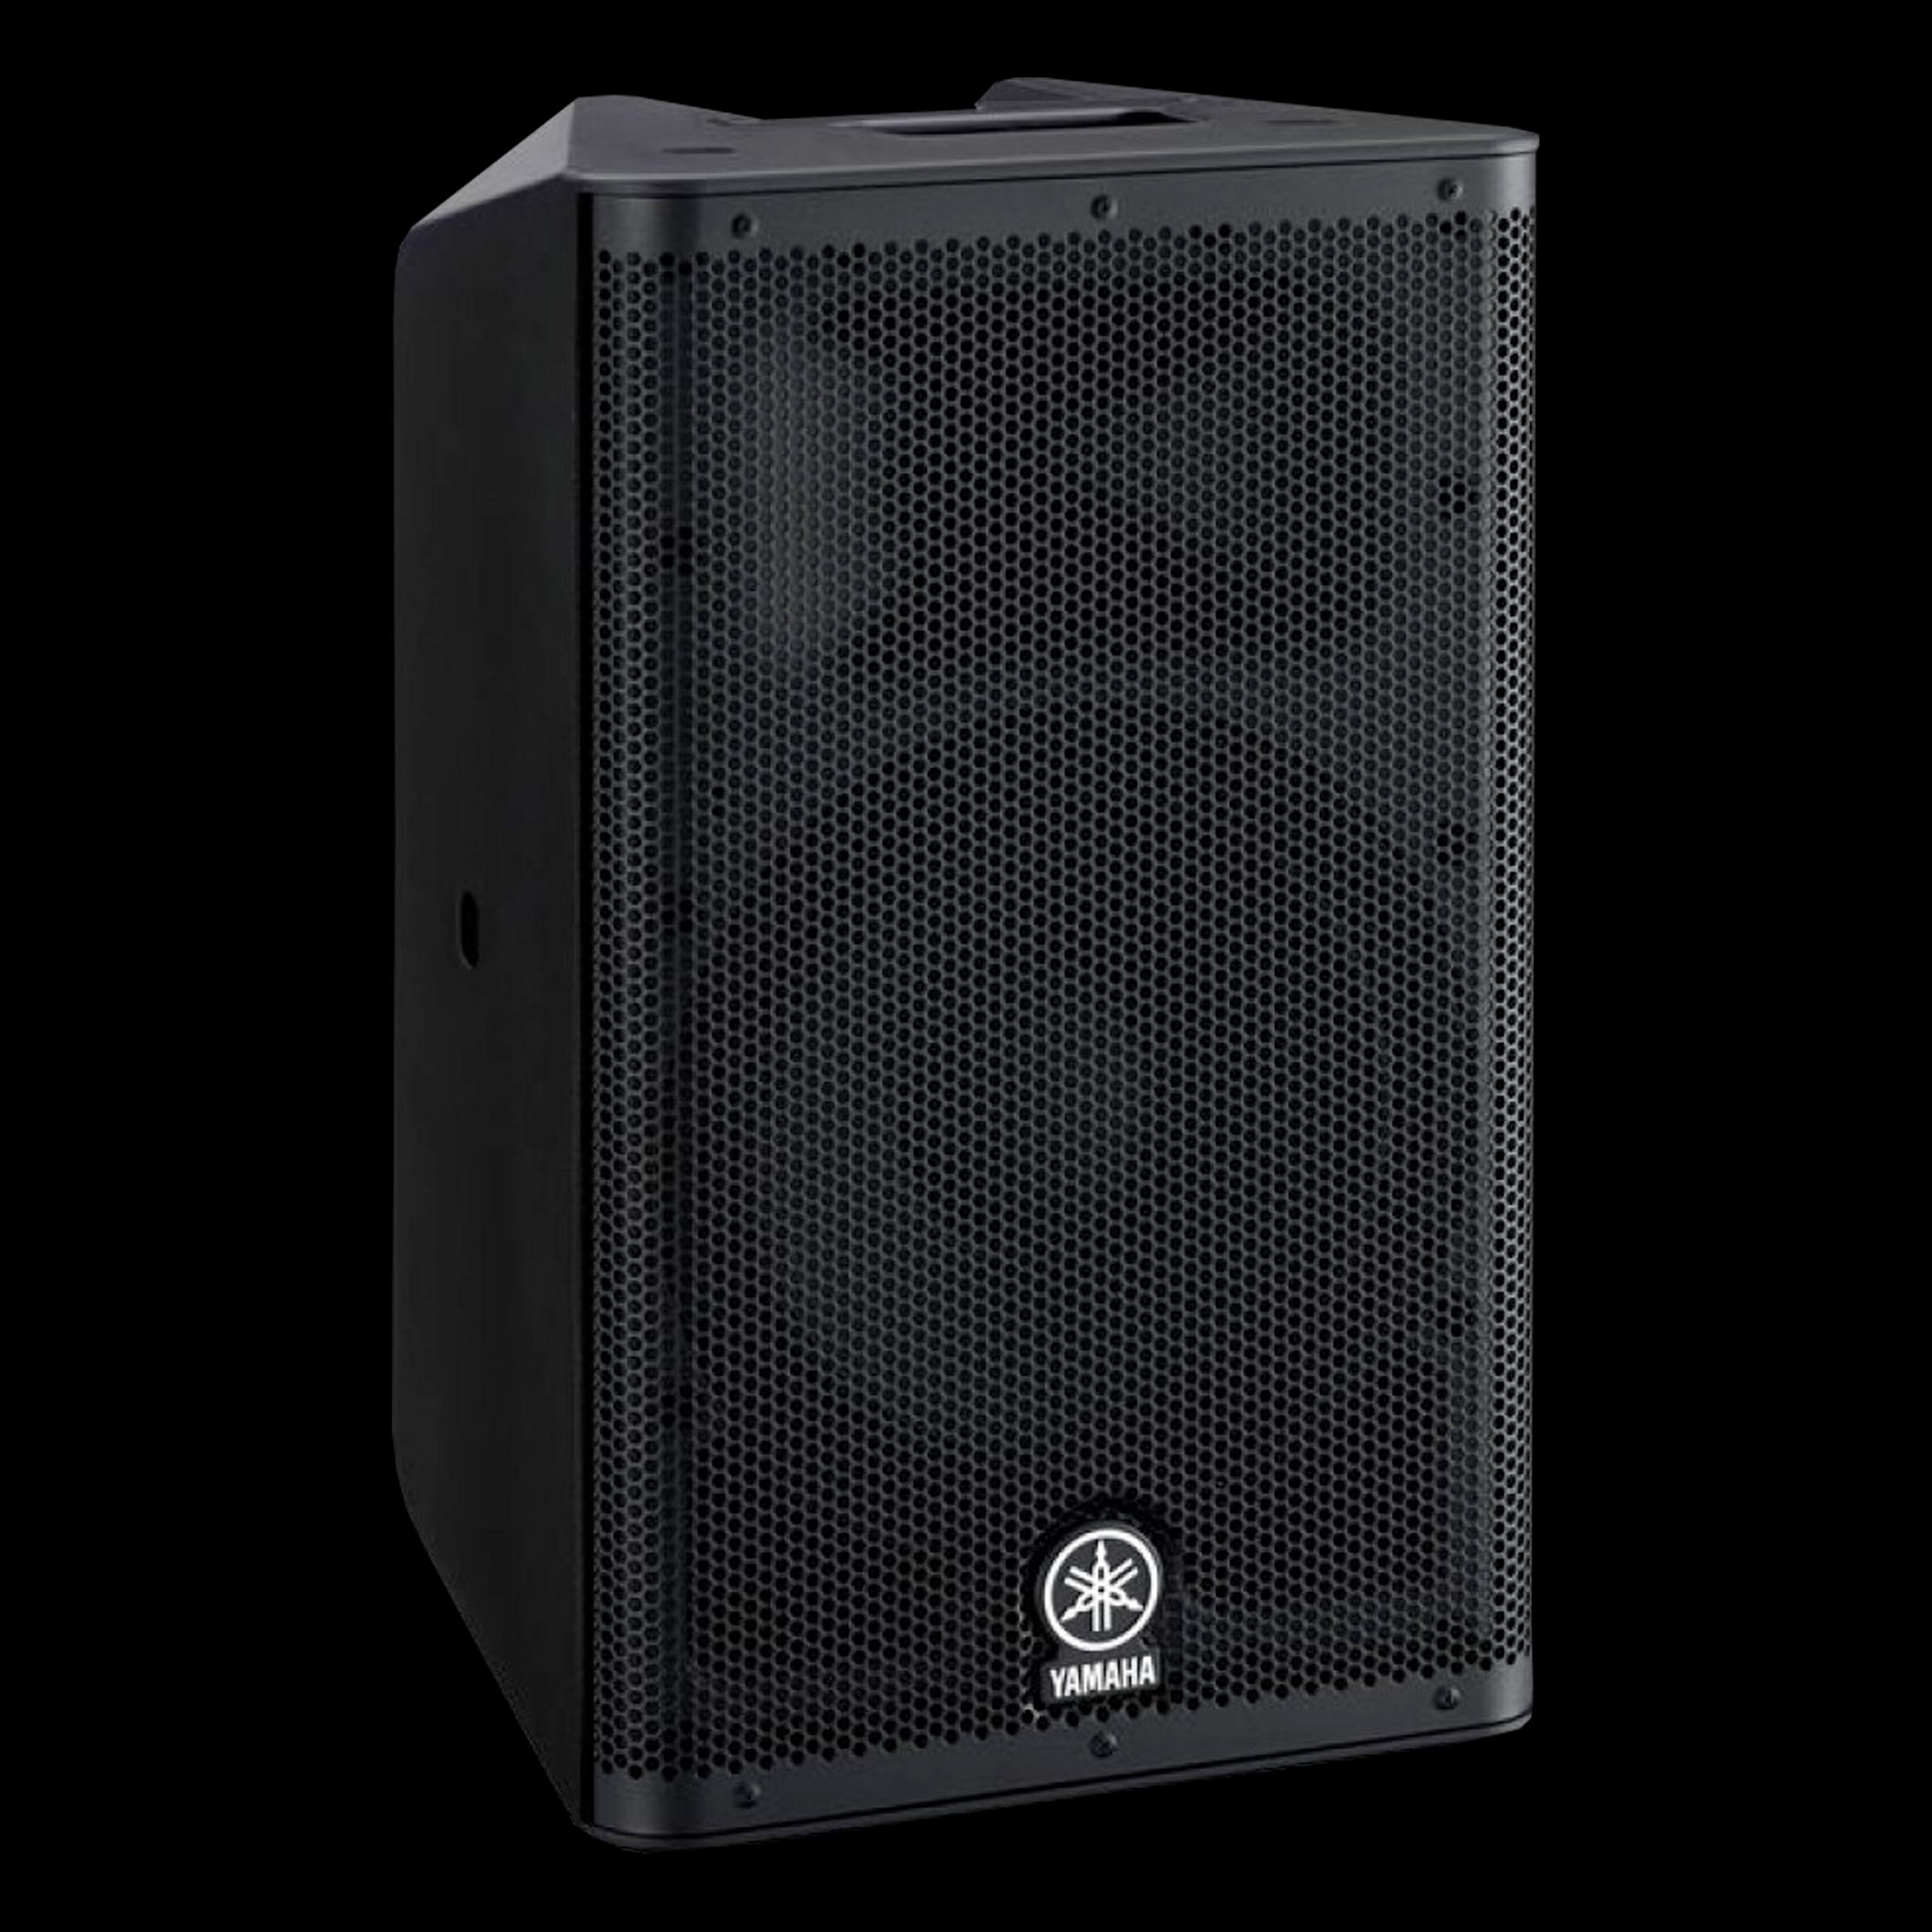 Yamaha dxr10 powered speaker 1x10 700watt ebay for Yamaha dxr10 speakers